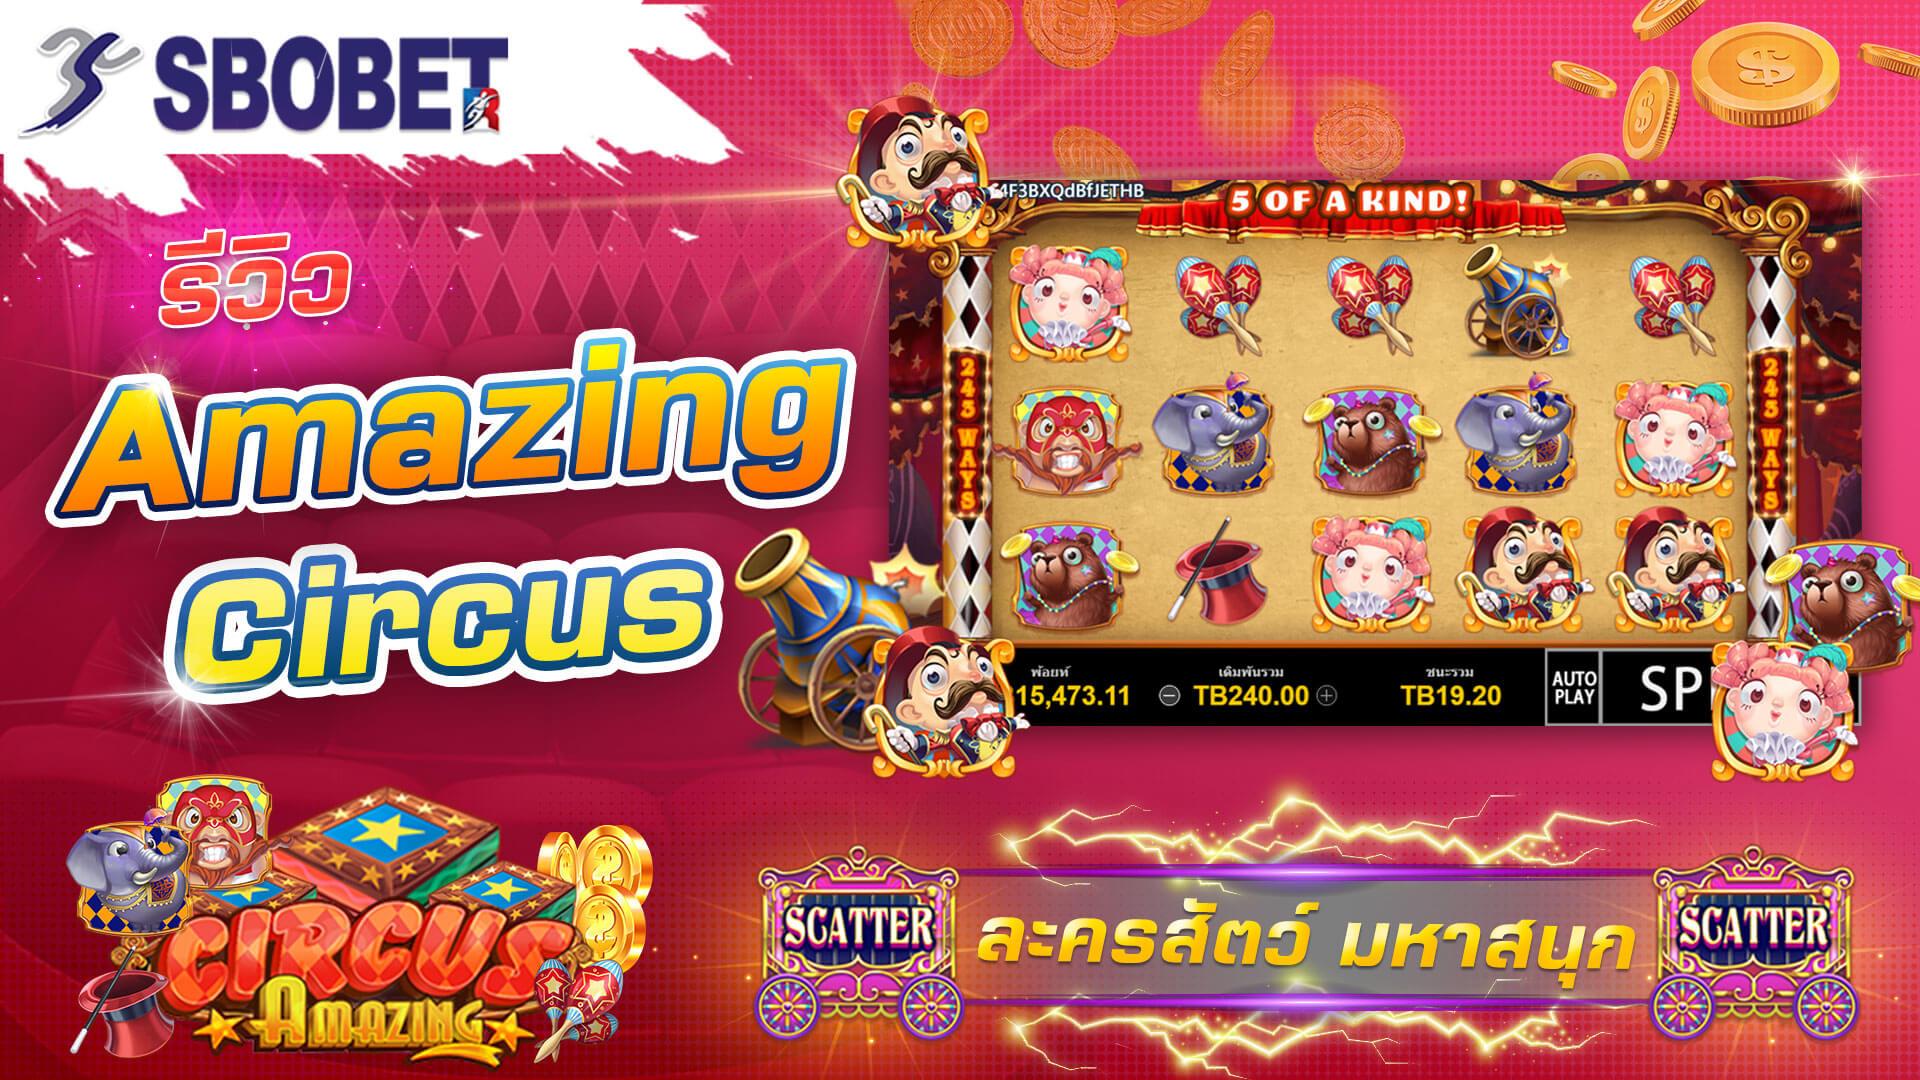 สล็อต AMAZING CIRCUS เกมอีกรูปแบบหนึ่งที่นิยมเล่นบนเว็บ SBOBET